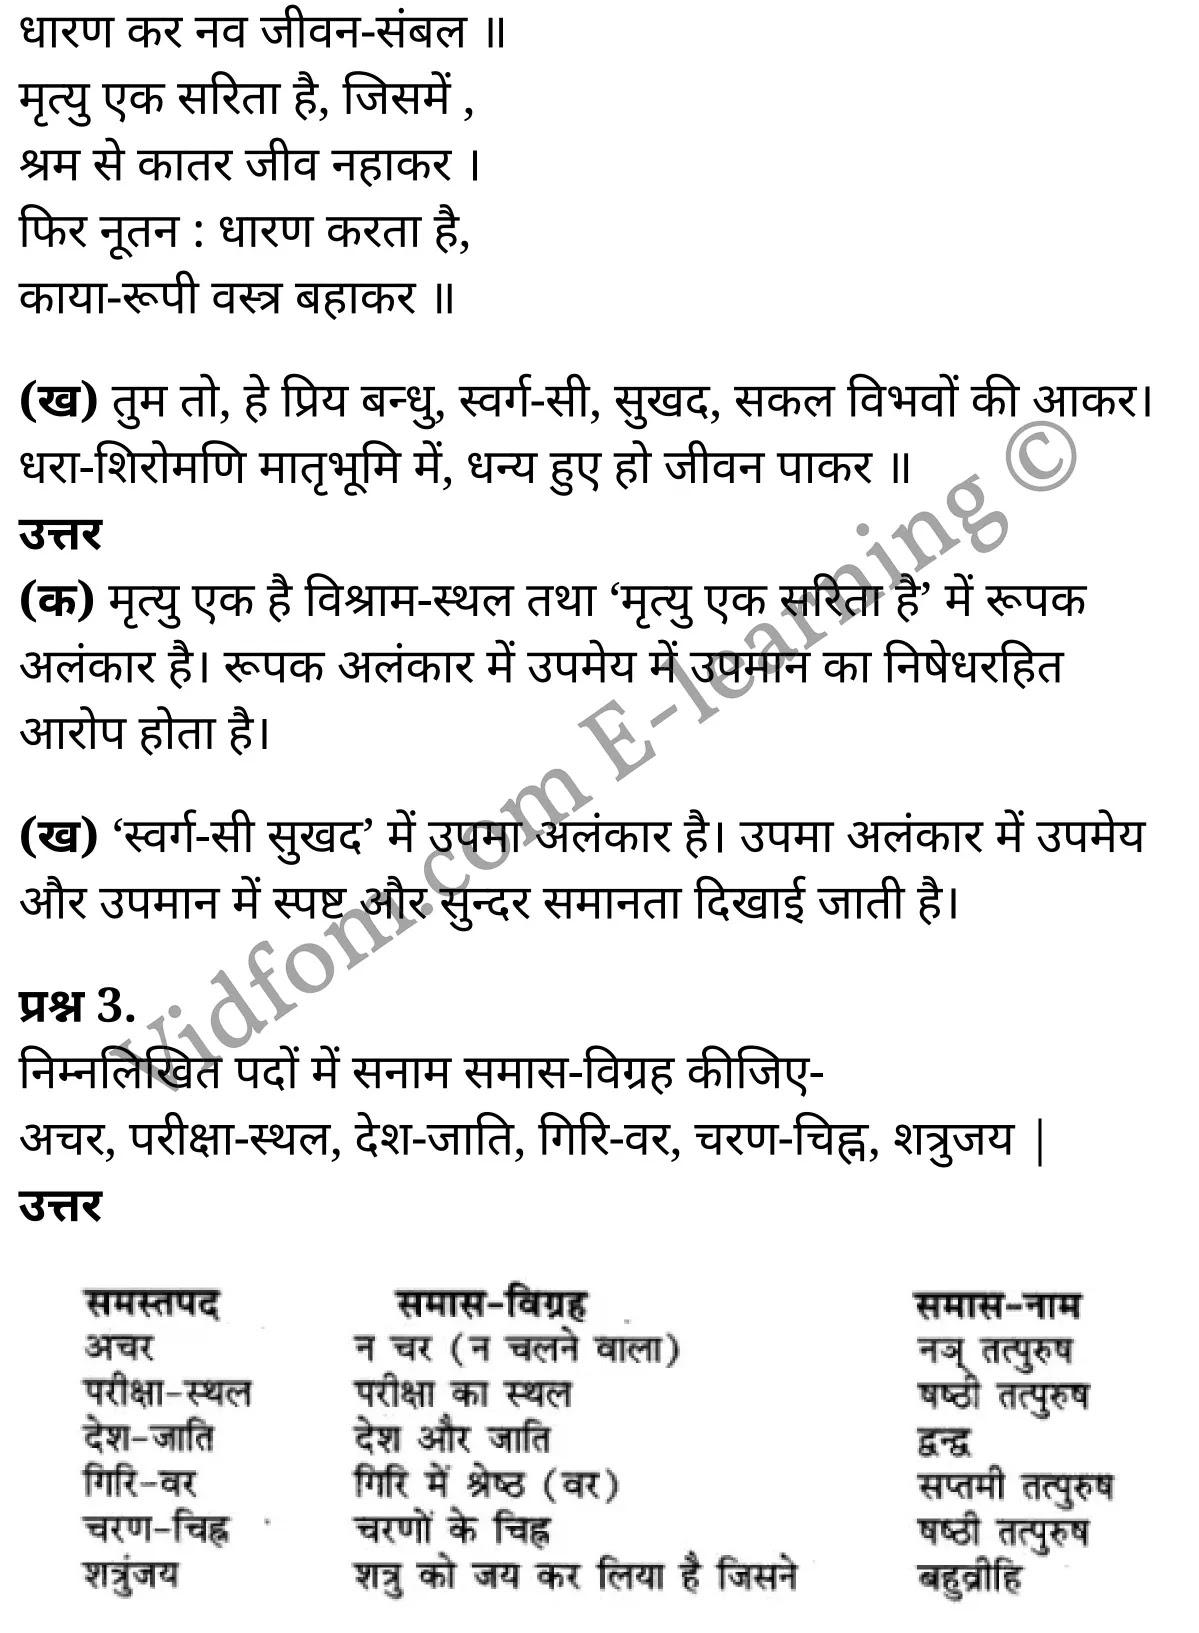 कक्षा 10 हिंदी  के नोट्स  हिंदी में एनसीईआरटी समाधान,     class 10 Hindi kaavya khand Chapter 7,   class 10 Hindi kaavya khand Chapter 7 ncert solutions in Hindi,   class 10 Hindi kaavya khand Chapter 7 notes in hindi,   class 10 Hindi kaavya khand Chapter 7 question answer,   class 10 Hindi kaavya khand Chapter 7 notes,   class 10 Hindi kaavya khand Chapter 7 class 10 Hindi kaavya khand Chapter 7 in  hindi,    class 10 Hindi kaavya khand Chapter 7 important questions in  hindi,   class 10 Hindi kaavya khand Chapter 7 notes in hindi,    class 10 Hindi kaavya khand Chapter 7 test,   class 10 Hindi kaavya khand Chapter 7 pdf,   class 10 Hindi kaavya khand Chapter 7 notes pdf,   class 10 Hindi kaavya khand Chapter 7 exercise solutions,   class 10 Hindi kaavya khand Chapter 7 notes study rankers,   class 10 Hindi kaavya khand Chapter 7 notes,    class 10 Hindi kaavya khand Chapter 7  class 10  notes pdf,   class 10 Hindi kaavya khand Chapter 7 class 10  notes  ncert,   class 10 Hindi kaavya khand Chapter 7 class 10 pdf,   class 10 Hindi kaavya khand Chapter 7  book,   class 10 Hindi kaavya khand Chapter 7 quiz class 10  ,   कक्षा 10 रामनरेश त्रिपाठी,  कक्षा 10 रामनरेश त्रिपाठी  के नोट्स हिंदी में,  कक्षा 10 रामनरेश त्रिपाठी प्रश्न उत्तर,  कक्षा 10 रामनरेश त्रिपाठी के नोट्स,  10 कक्षा रामनरेश त्रिपाठी  हिंदी में, कक्षा 10 रामनरेश त्रिपाठी  हिंदी में,  कक्षा 10 रामनरेश त्रिपाठी  महत्वपूर्ण प्रश्न हिंदी में, कक्षा 10 हिंदी के नोट्स  हिंदी में, रामनरेश त्रिपाठी हिंदी में कक्षा 10 नोट्स pdf,    रामनरेश त्रिपाठी हिंदी में  कक्षा 10 नोट्स 2021 ncert,   रामनरेश त्रिपाठी हिंदी  कक्षा 10 pdf,   रामनरेश त्रिपाठी हिंदी में  पुस्तक,   रामनरेश त्रिपाठी हिंदी में की बुक,   रामनरेश त्रिपाठी हिंदी में  प्रश्नोत्तरी class 10 ,  10   वीं रामनरेश त्रिपाठी  पुस्तक up board,   बिहार बोर्ड 10  पुस्तक वीं रामनरेश त्रिपाठी नोट्स,    रामनरेश त्रिपाठी  कक्षा 10 नोट्स 2021 ncert,   रामनरेश त्रिपाठी  कक्षा 10 pdf,   रामनरेश त्रिपाठी  पुस्तक,   रामनरेश त्रिपाठी की बुक,   रामनरेश त्रिपाठी प्रश्नोत्तर